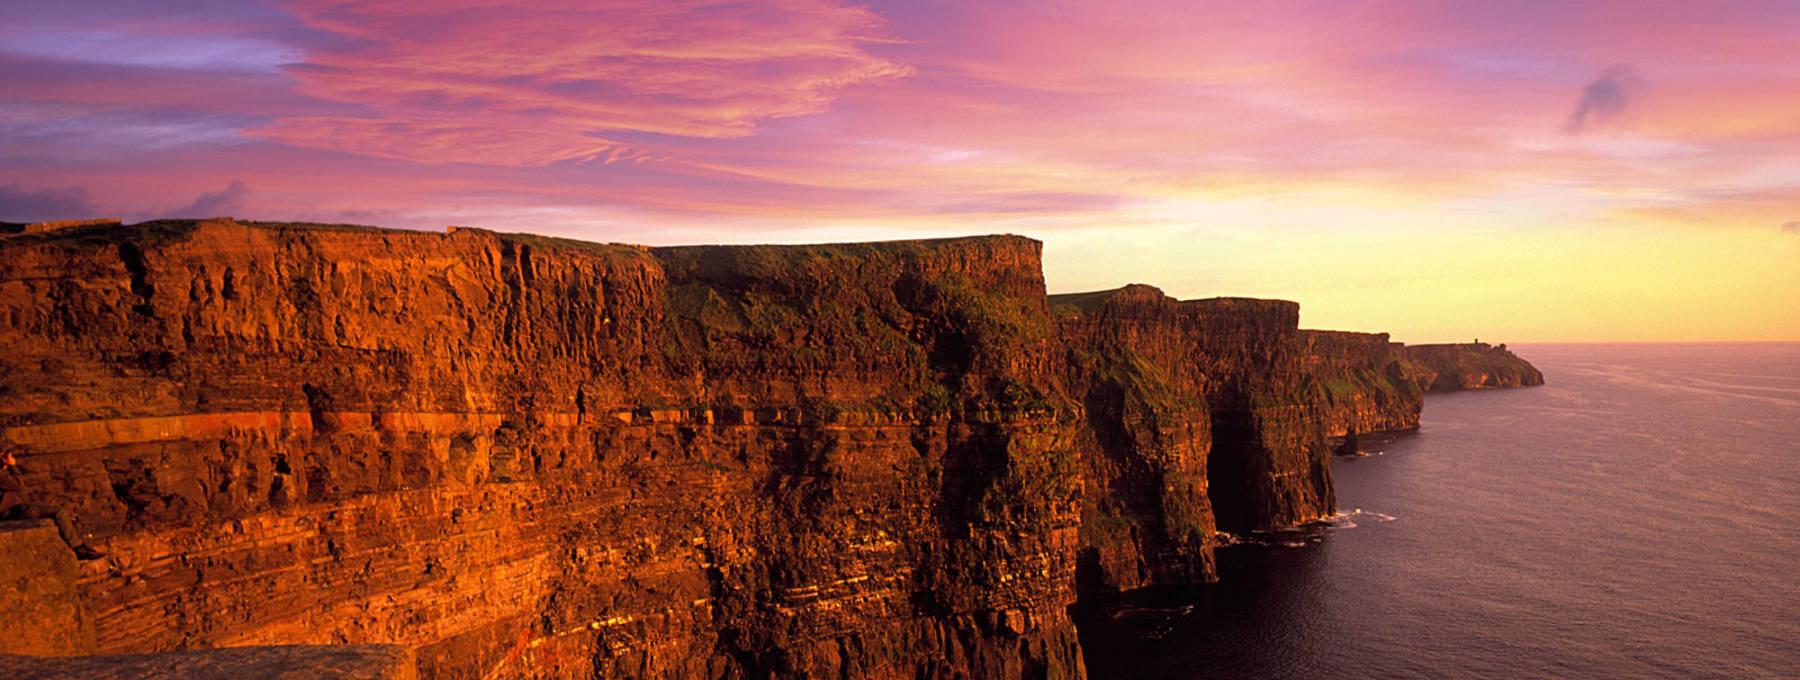 Auslandsaufenthalt Irland